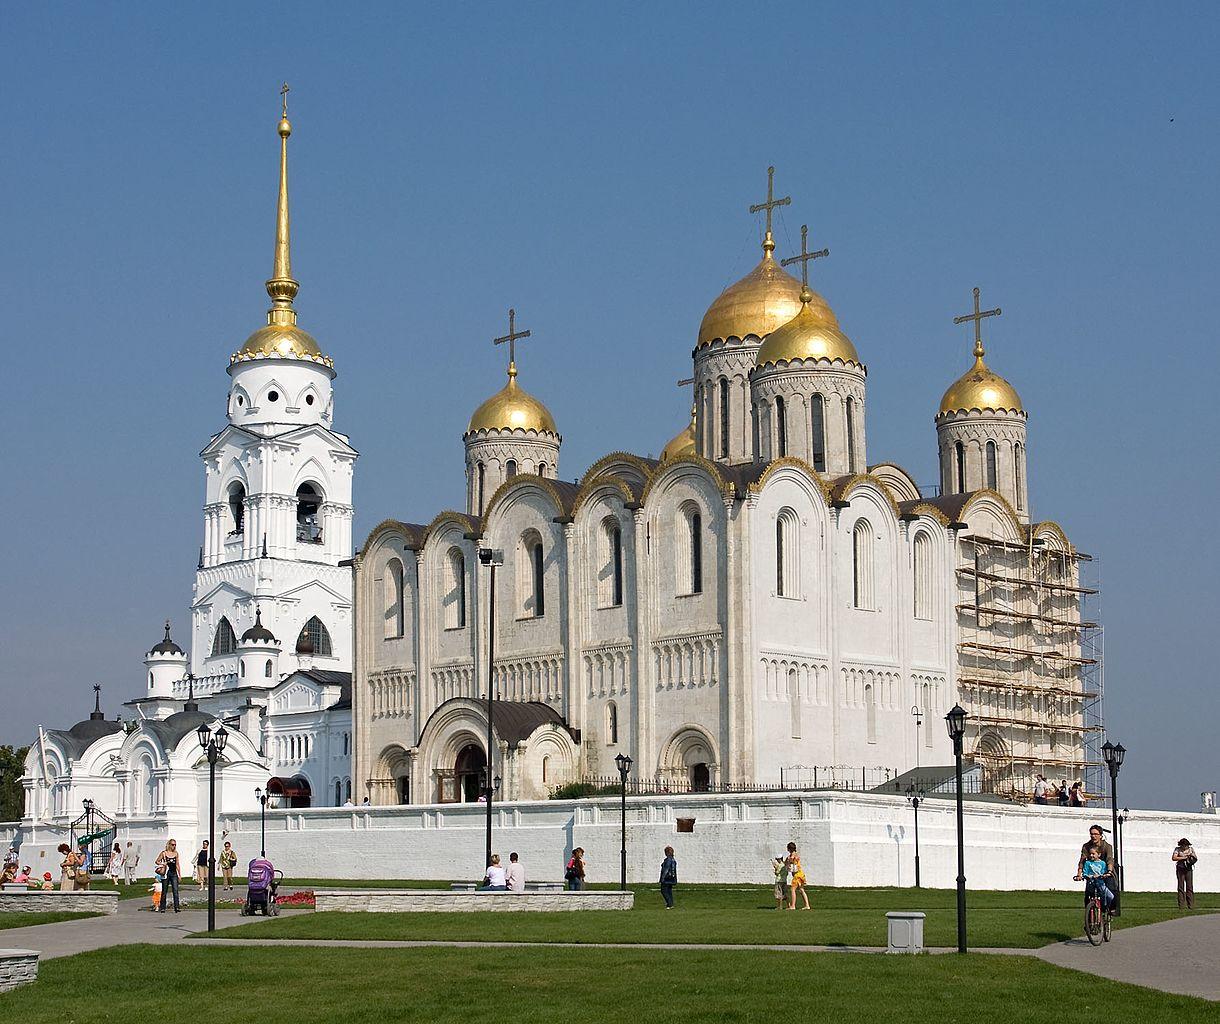 Catedrala Uspensky